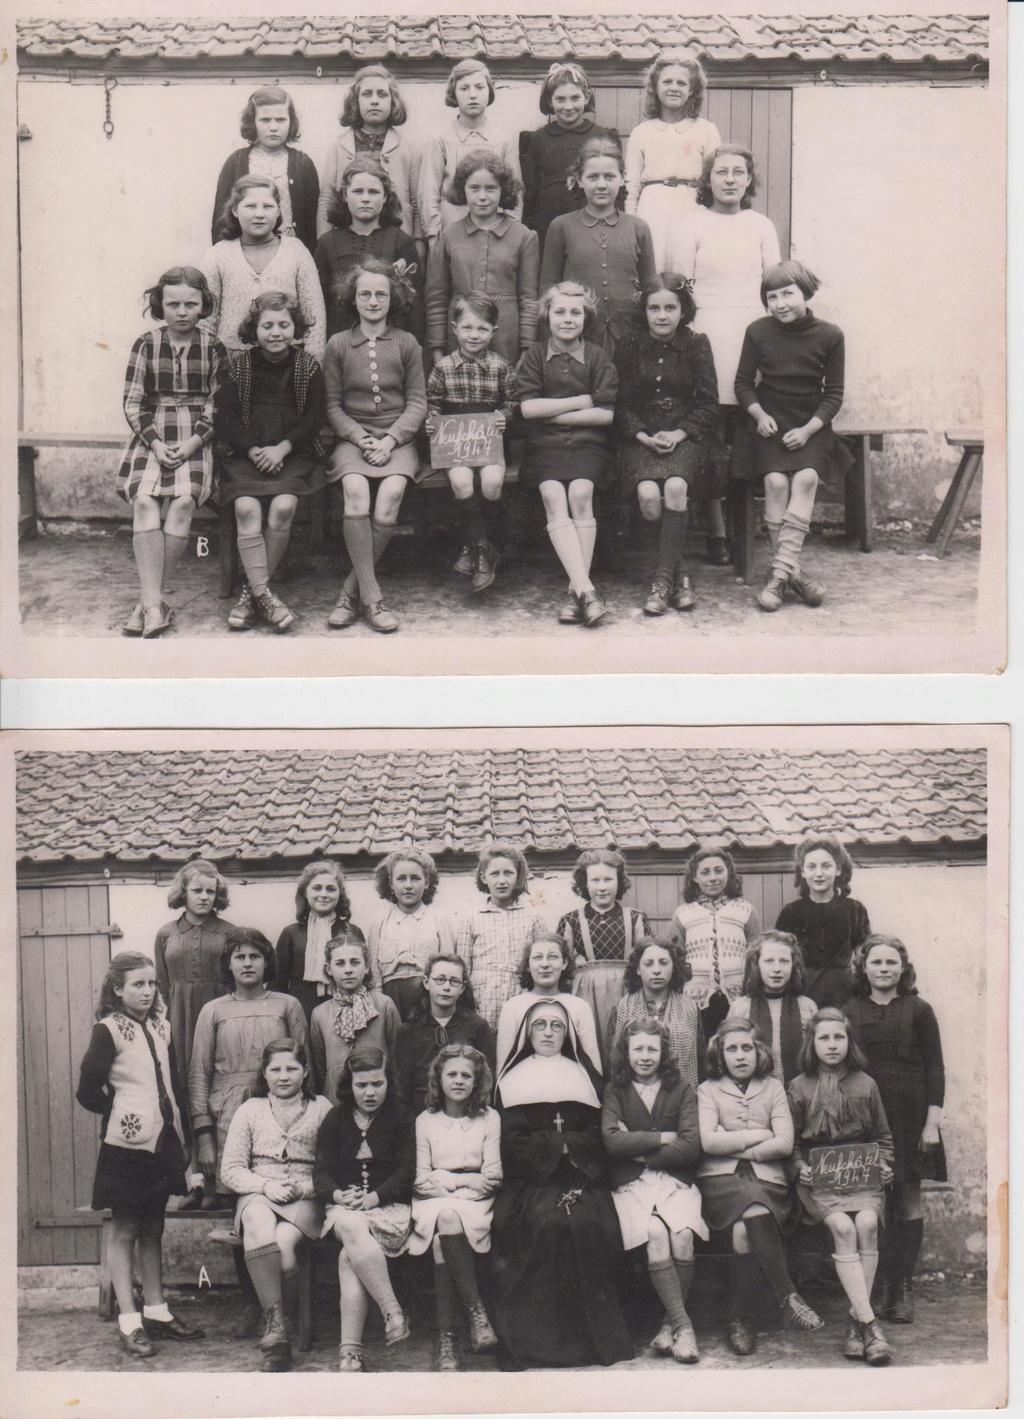 [Neufchâtel] École des soeurs - 1947 Ecole_11